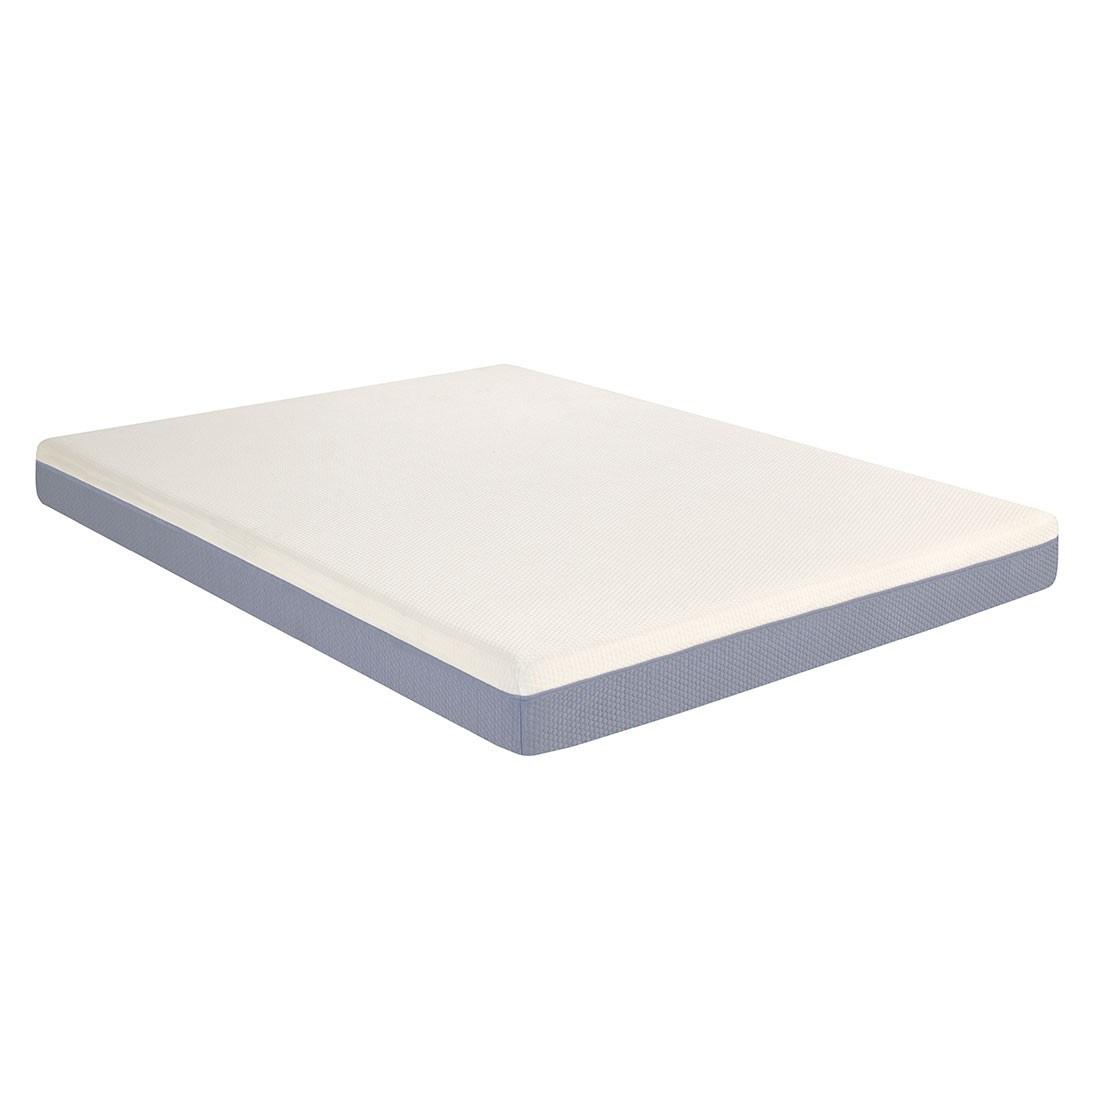 Colchon memory foam memoria respondaflex 15 king size for Base para colchon king size